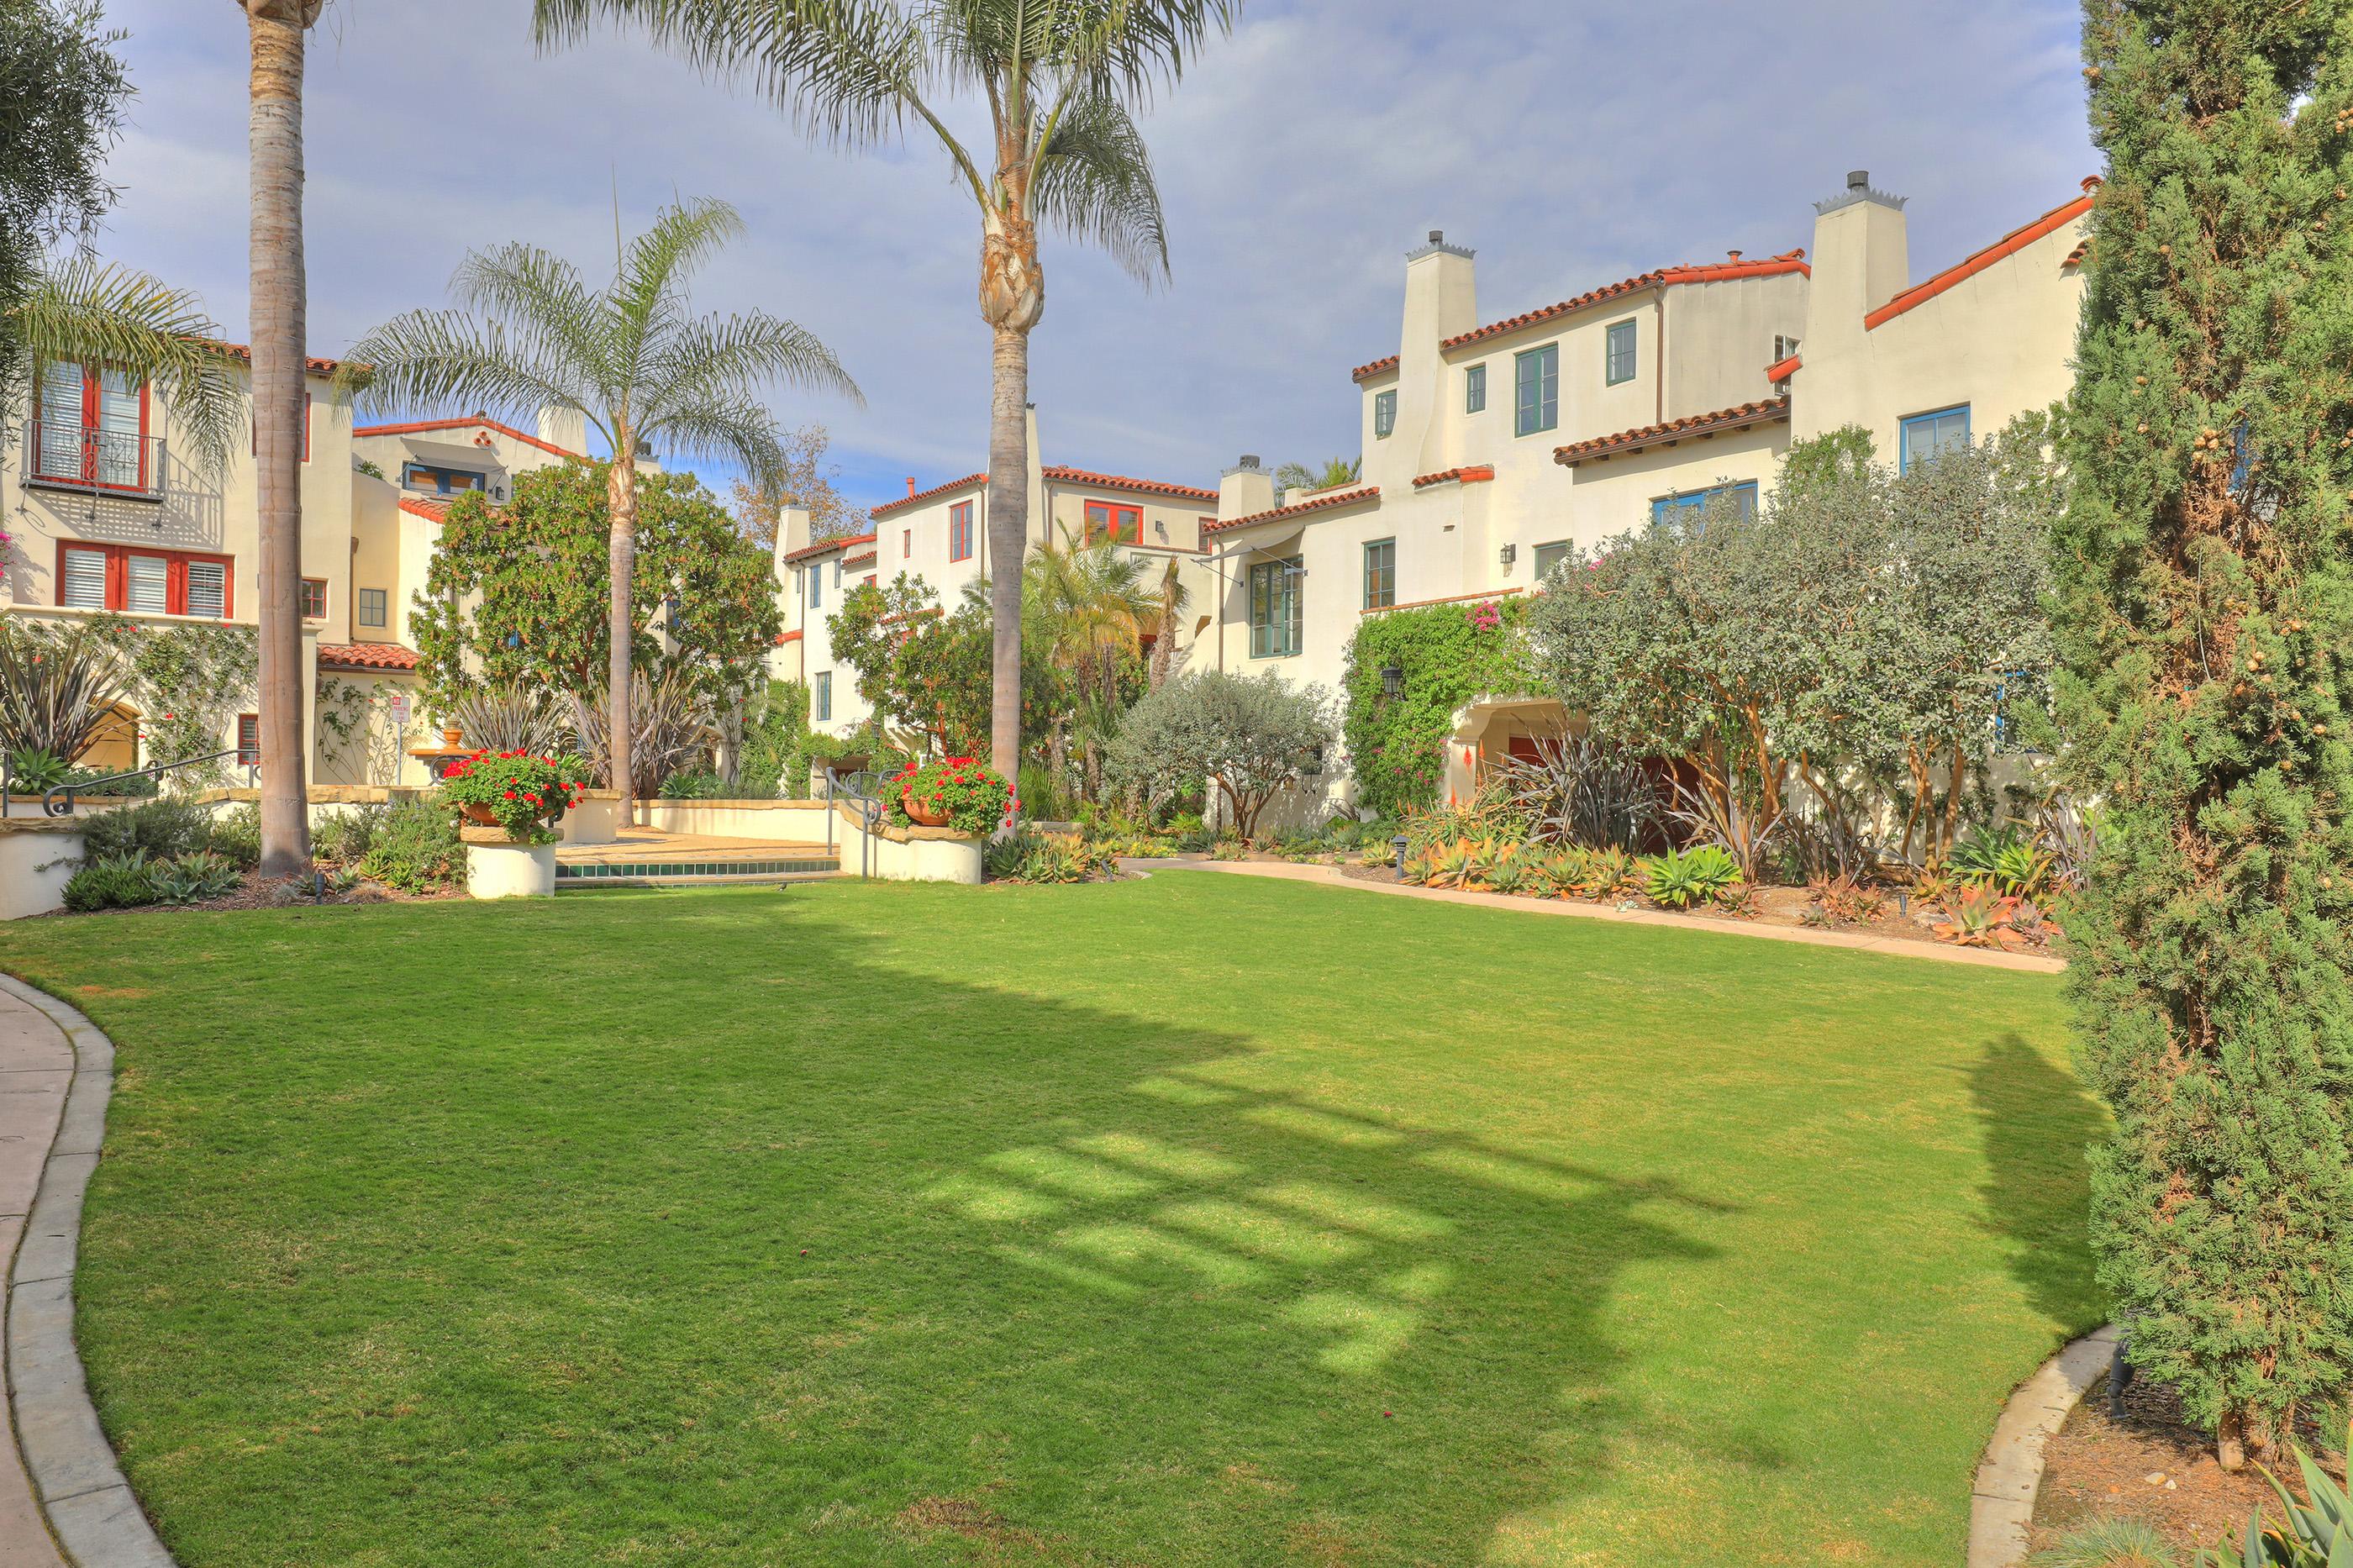 212 Santa Barbara St $1,398,000